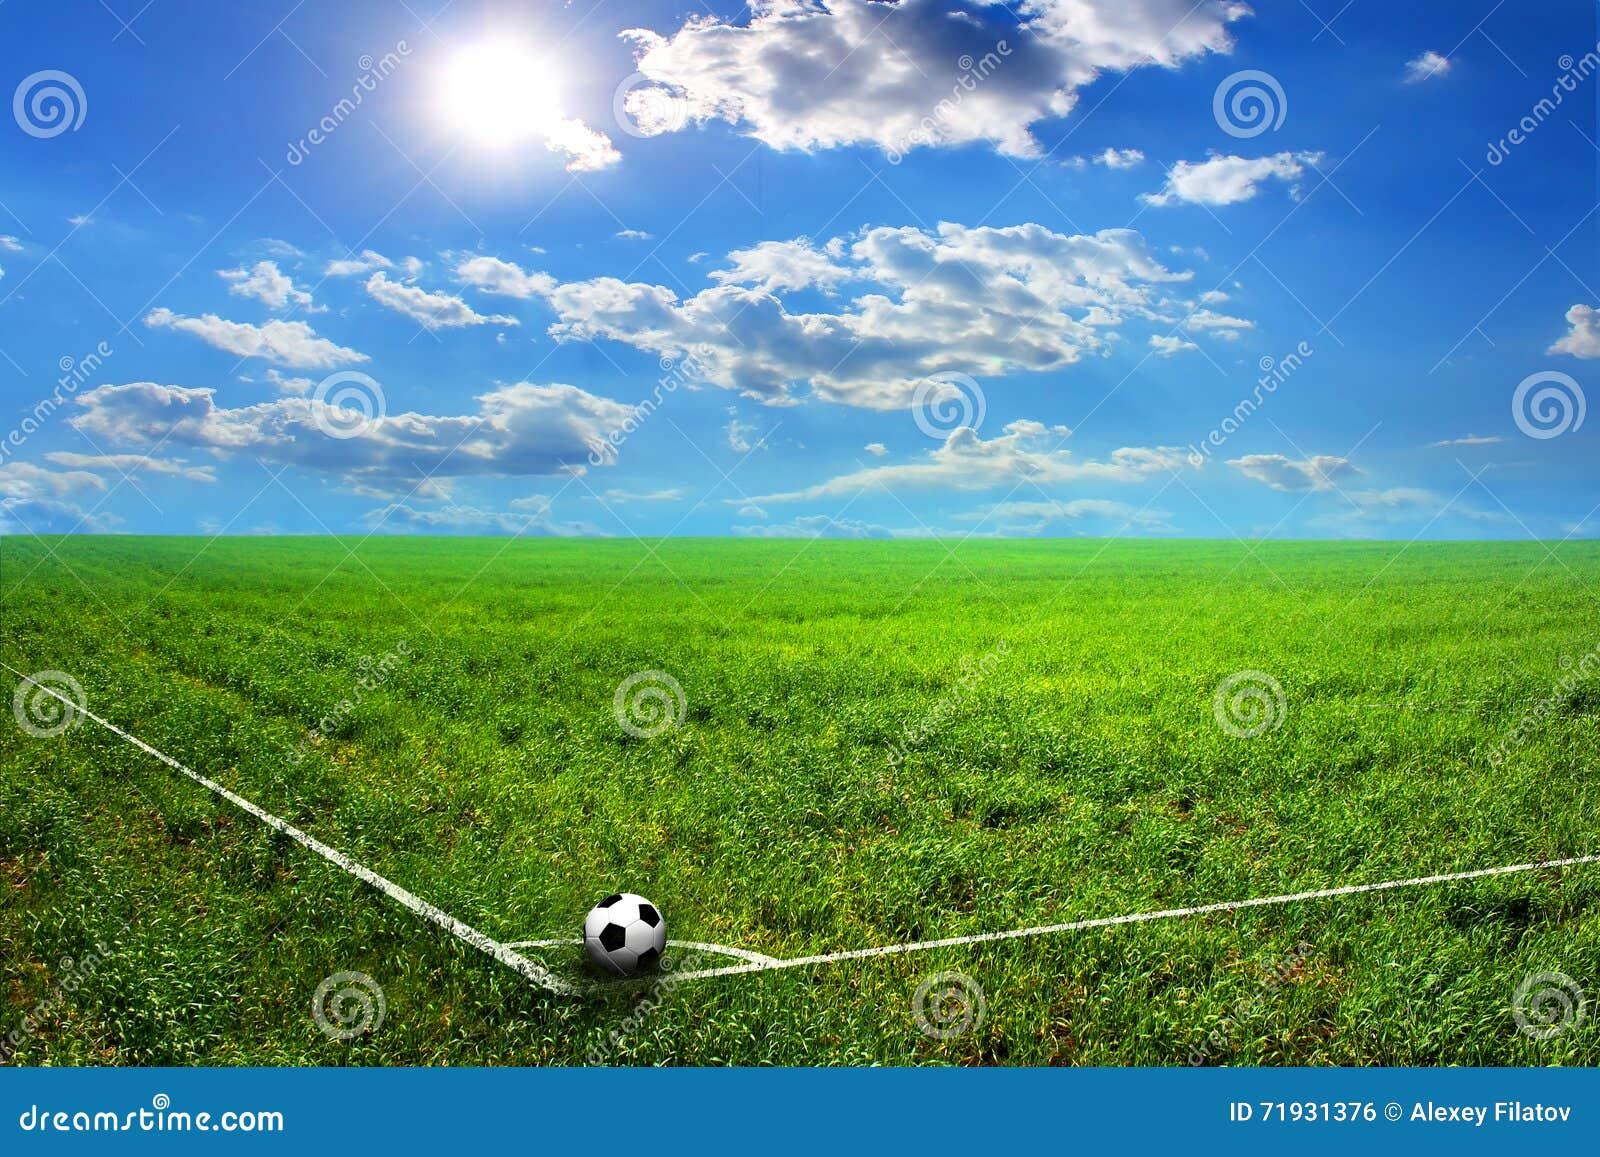 Черно-белый футбольный мяч на поле